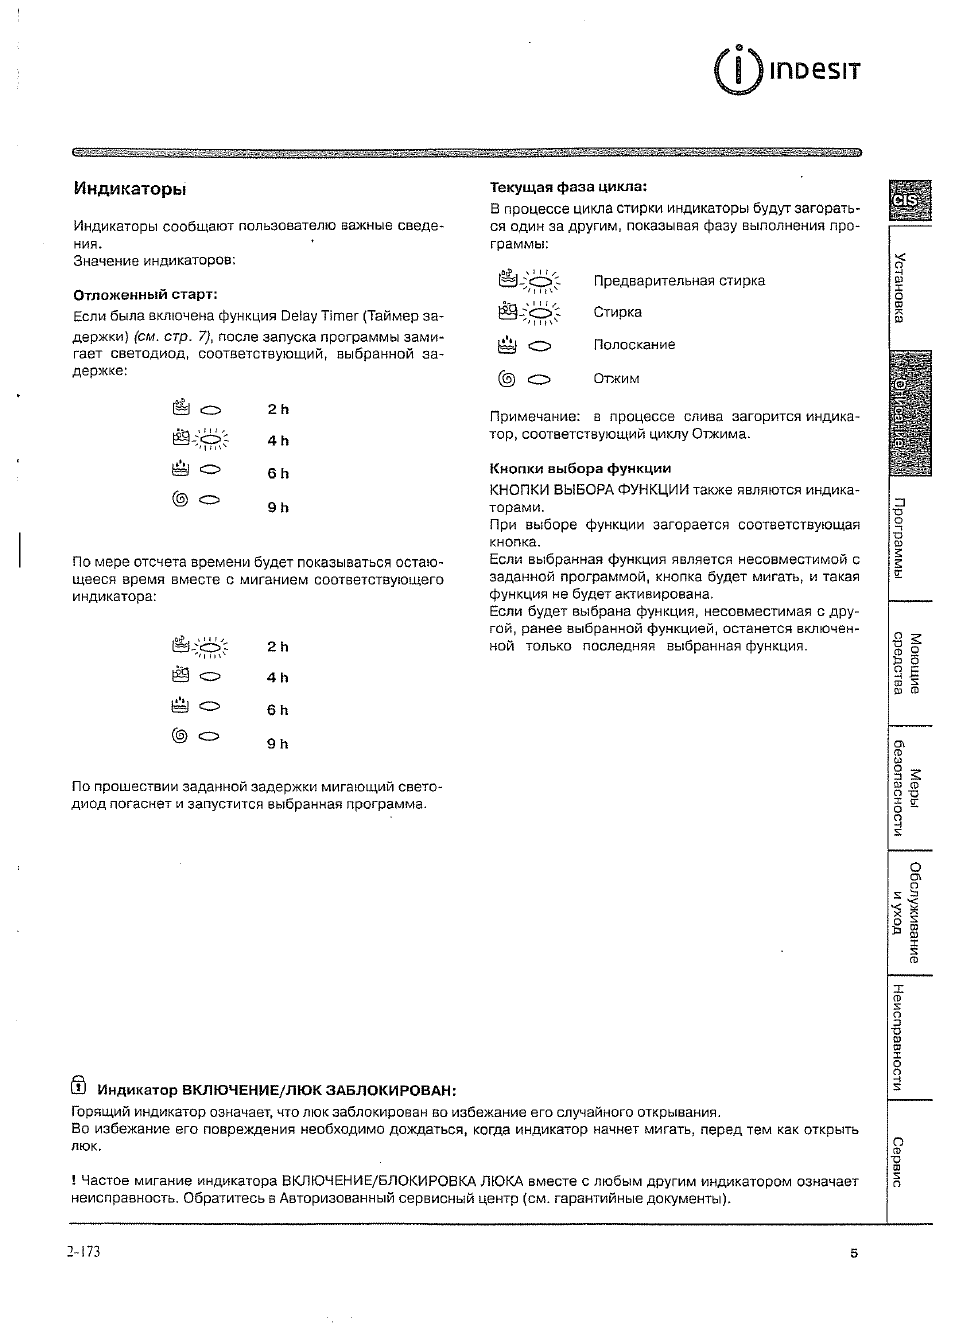 руководство по эксплуатации indesit wisl 83